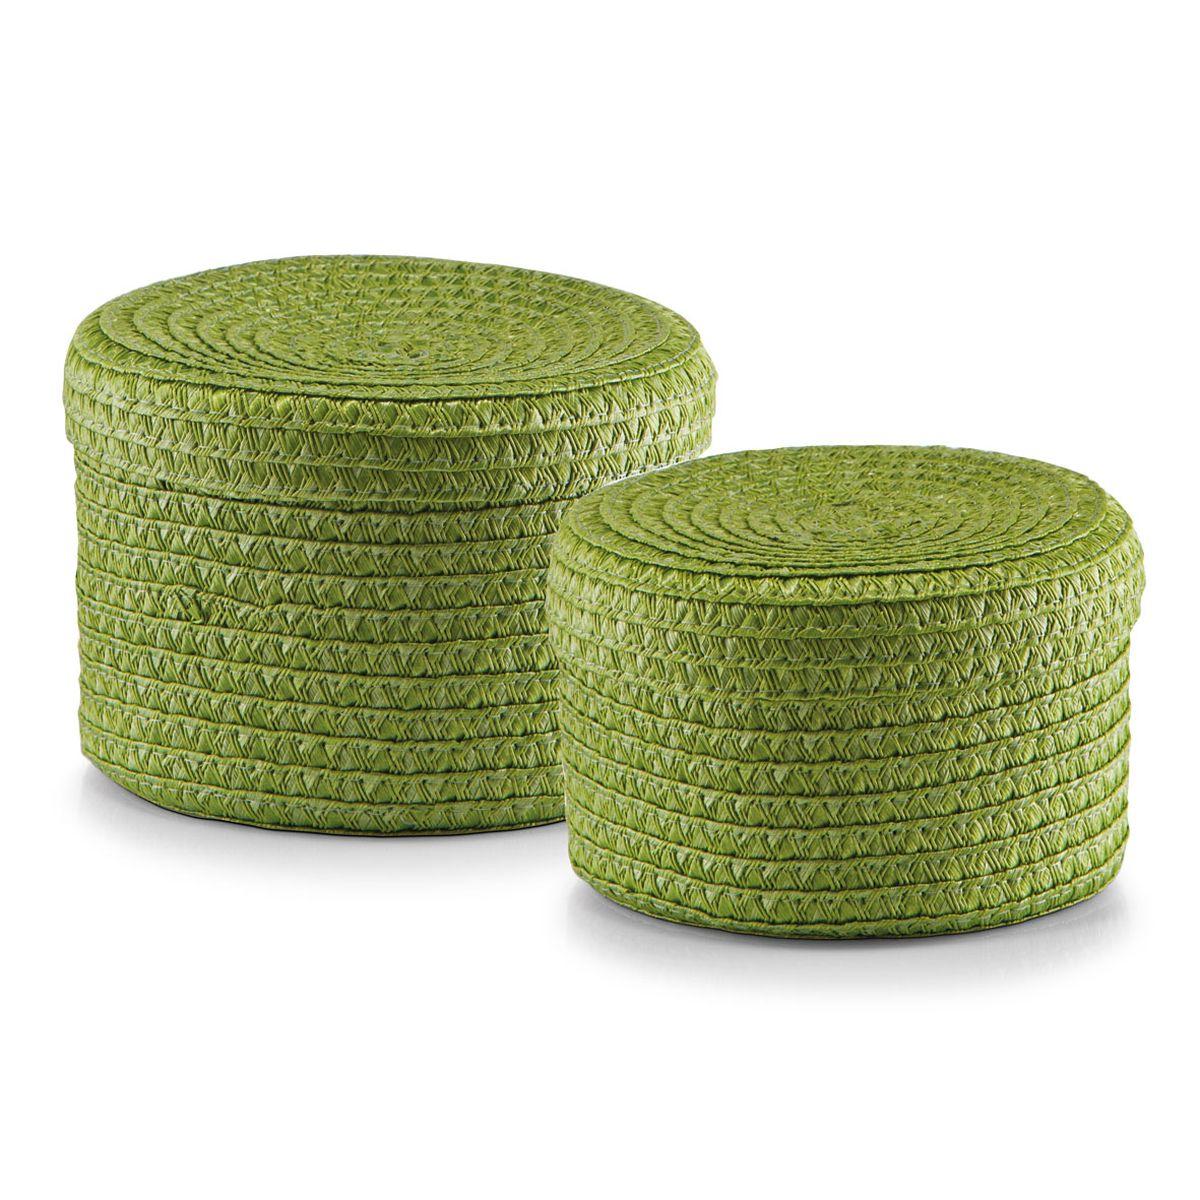 Набор корзин Zeller с крышками, цвет: зеленый, 2 шт14120Набор Zeller состоит из двух корзин разного размера. Корзинки изготовлены из текстиля и оснащены крышками. Изделия идеально подходят для упаковки подарков, цветочных композиций и подарочных наборов, для хранения различных вещей и аксессуаров. Так же они являются прекрасным декоративным элементом интерьера. Такие корзины будут создавать уют и комфорт в вашем доме и станут отличным подарком. Диаметр корзин: 16 см, 17 см. Высота корзин: 10 см, 12 см.